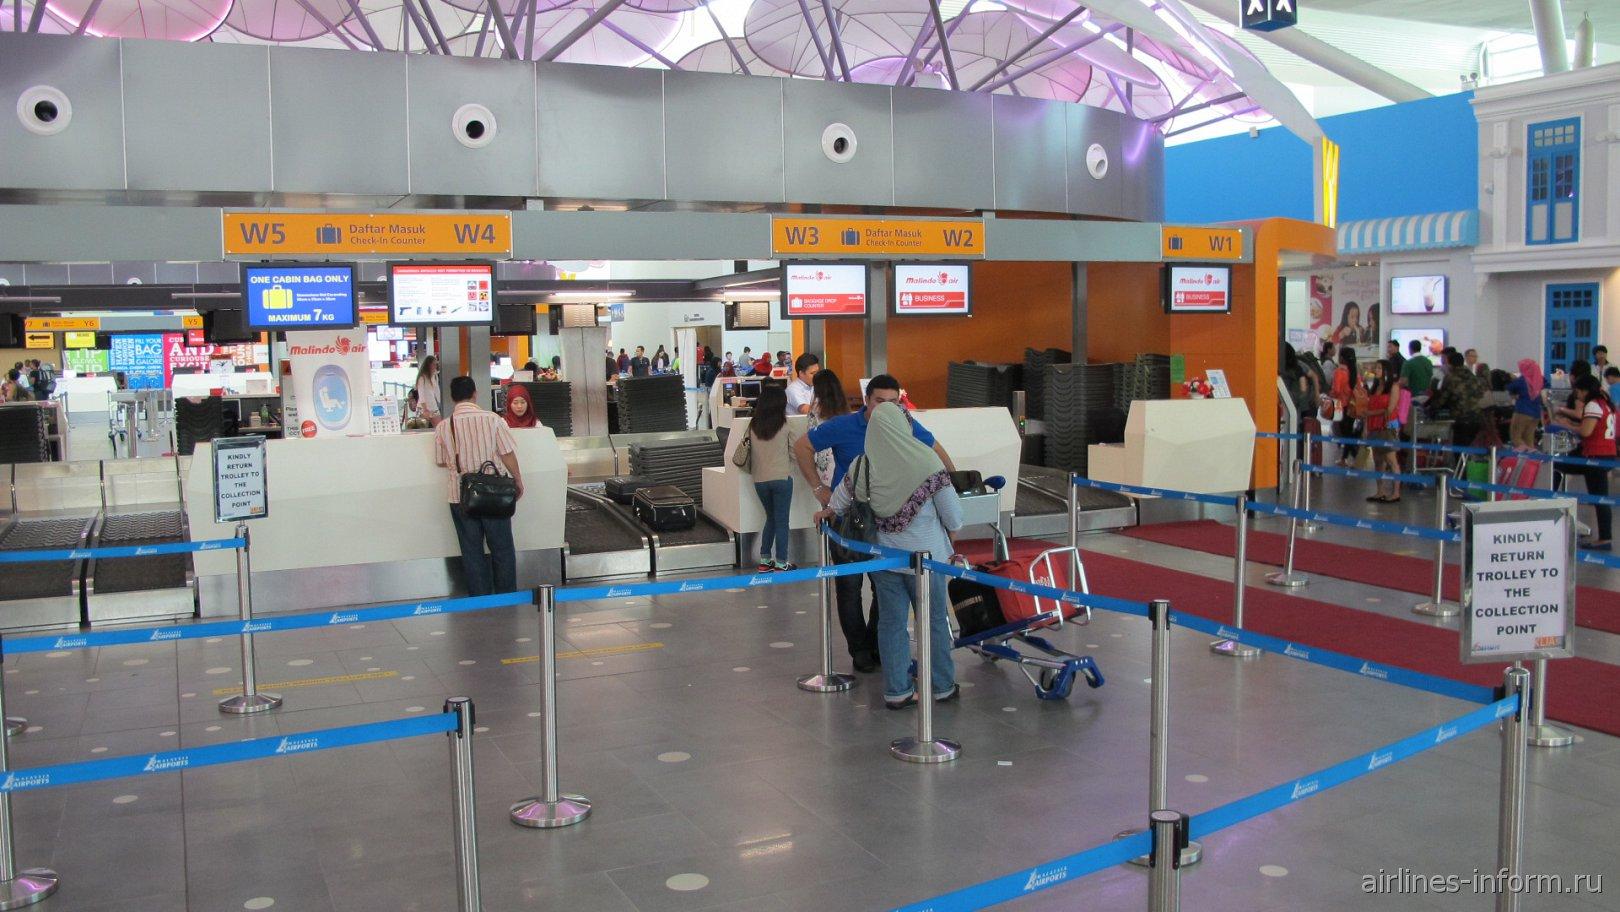 Стойки регистрации в лоукост-терминале KLIA2 аэропорта Куала-Лумпур